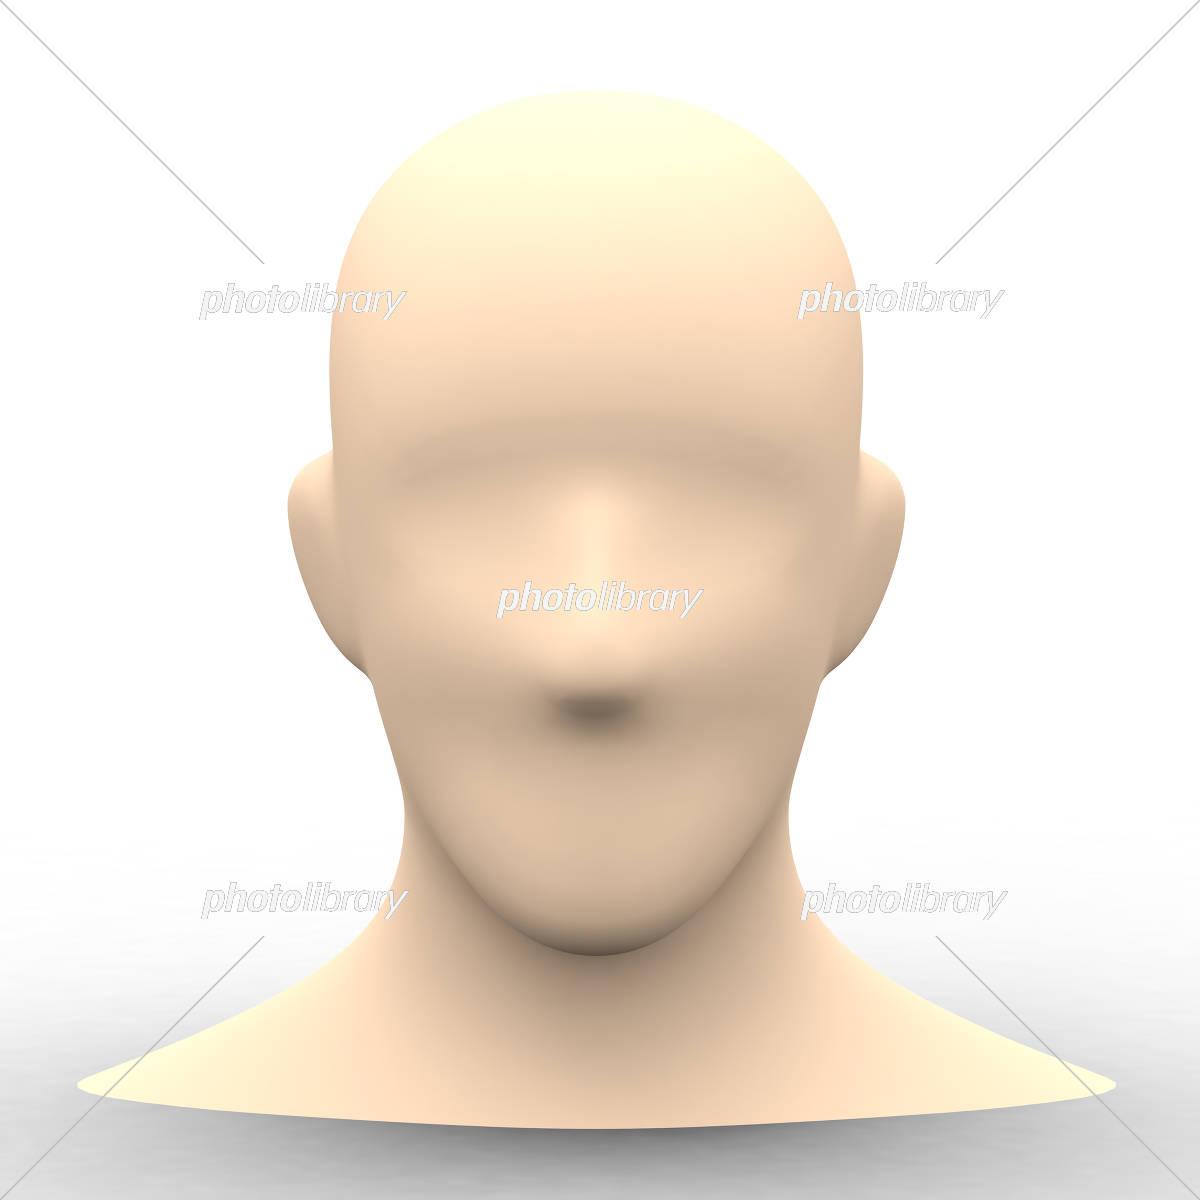 シンプルな人物の顔の素体3dレンダリング画像 イラスト素材 4569128